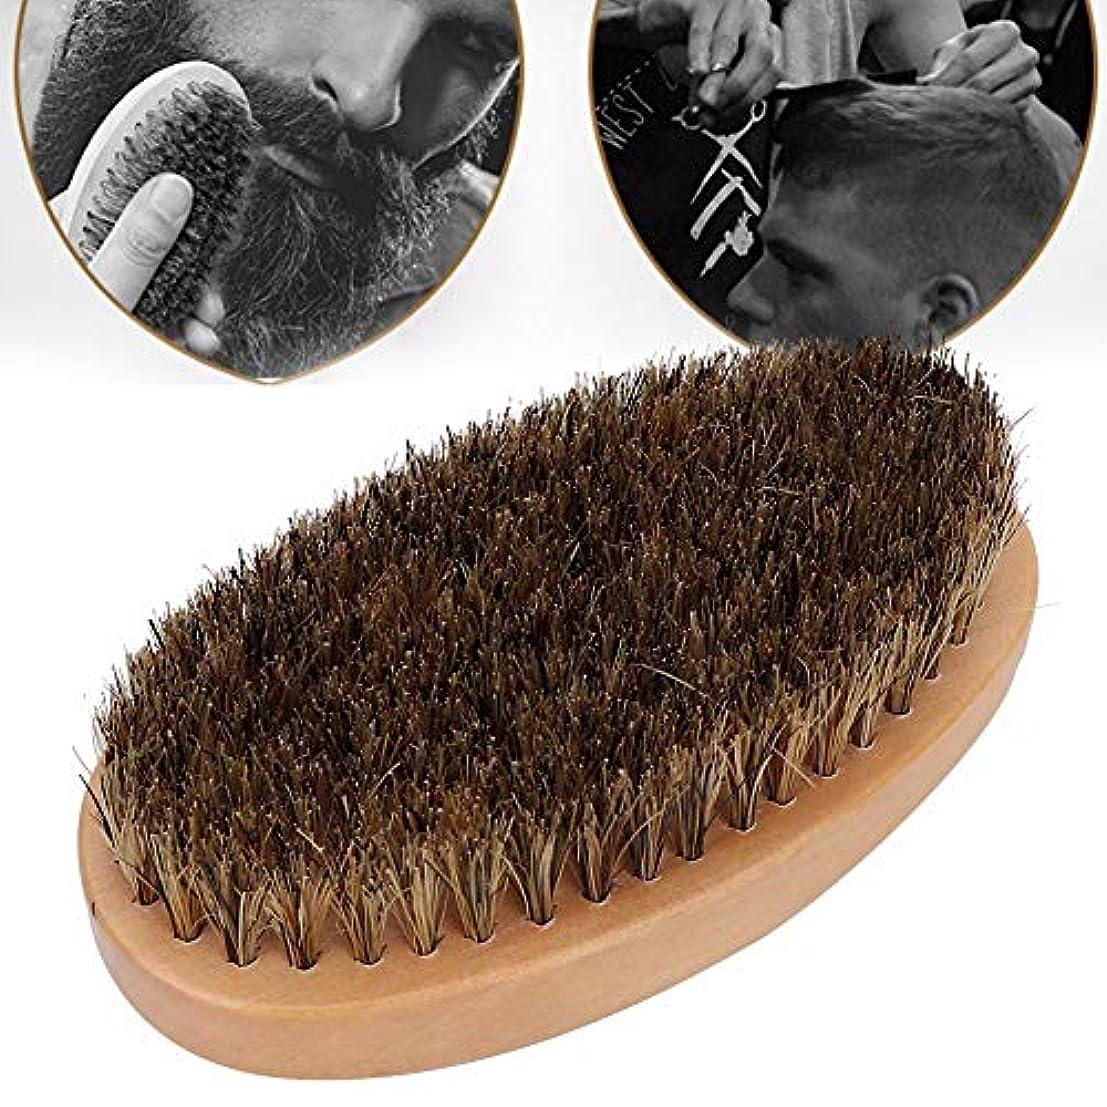 階層ファンネルウェブスパイダー真っ逆さま男性用の壊れた髪の掃除ひげブラシヘアコーム, 男性用のプロの壊れた髪抜本的なひげブラシヘアコーム理髪くし